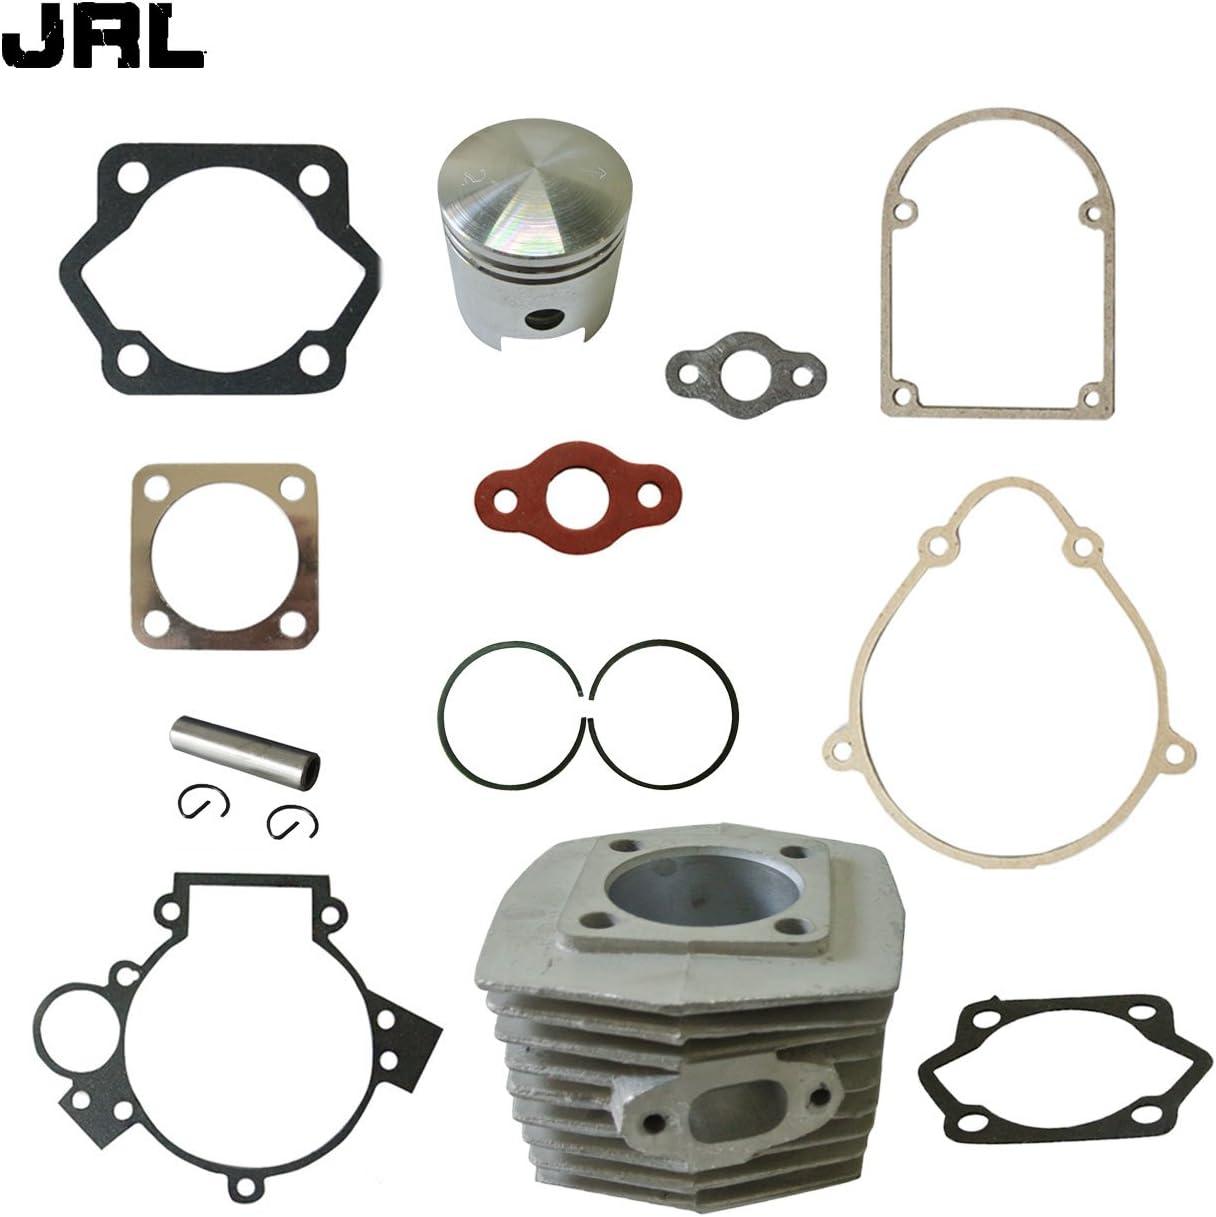 Pistoni E guarnizioni per Motore da Bicicletta motorizzata da 80/CC /Set di cilindri JRL broadcare Rasoio/